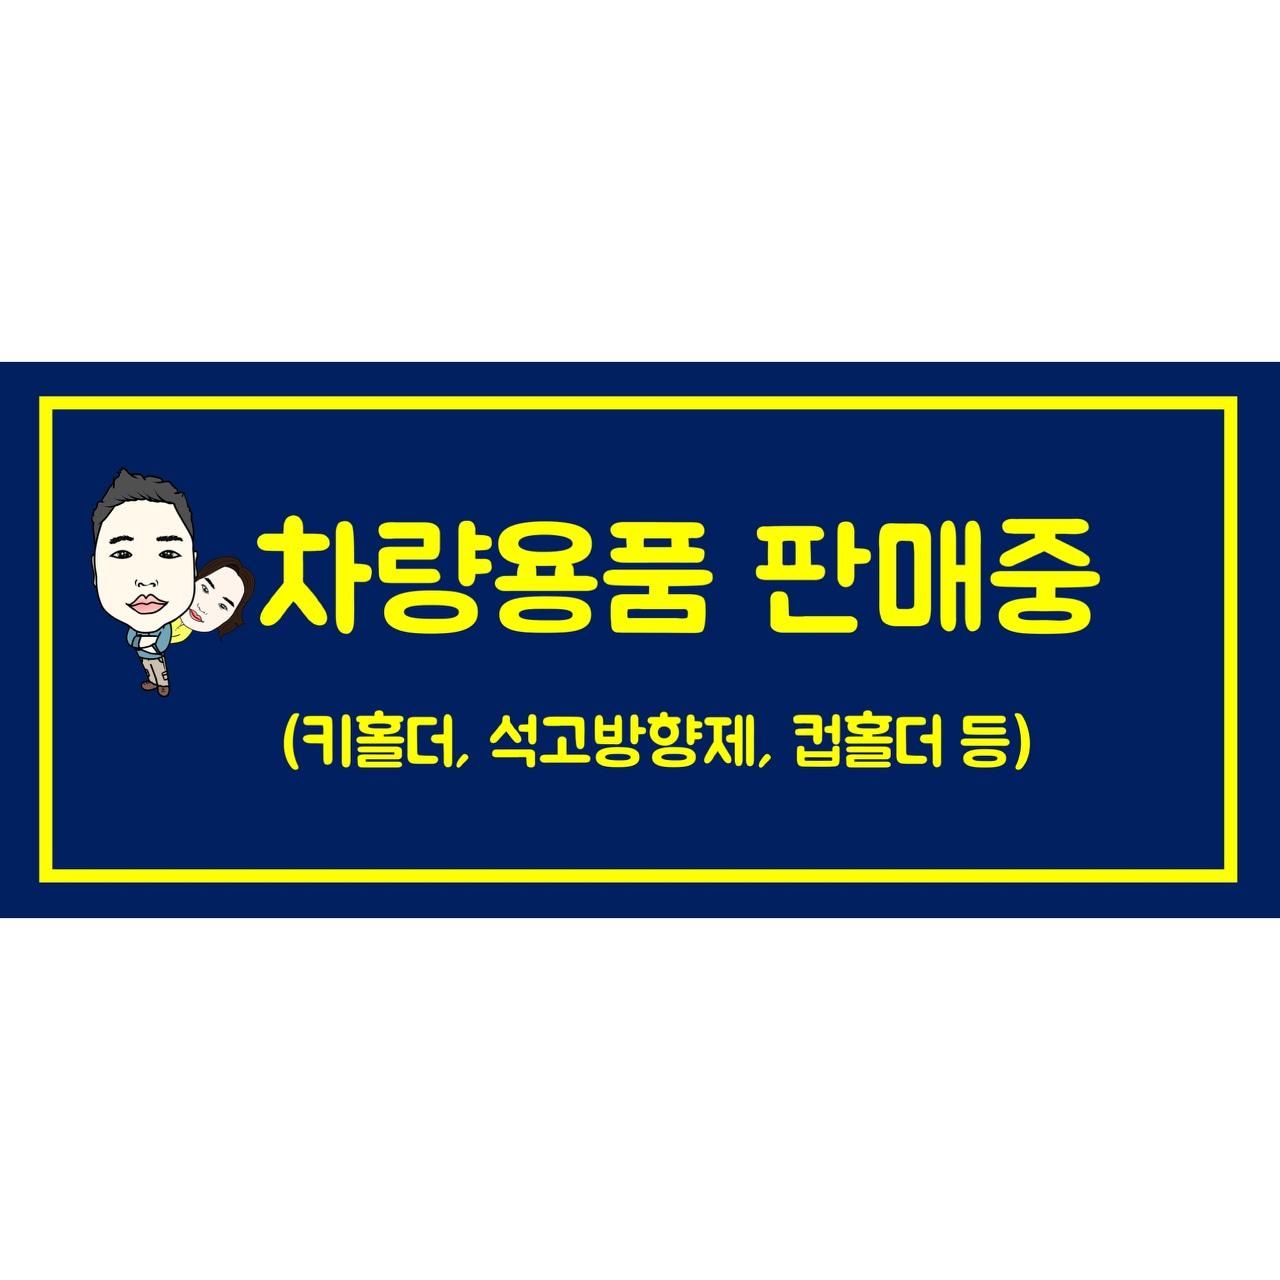 [펄스팀] 차량용품 판매중